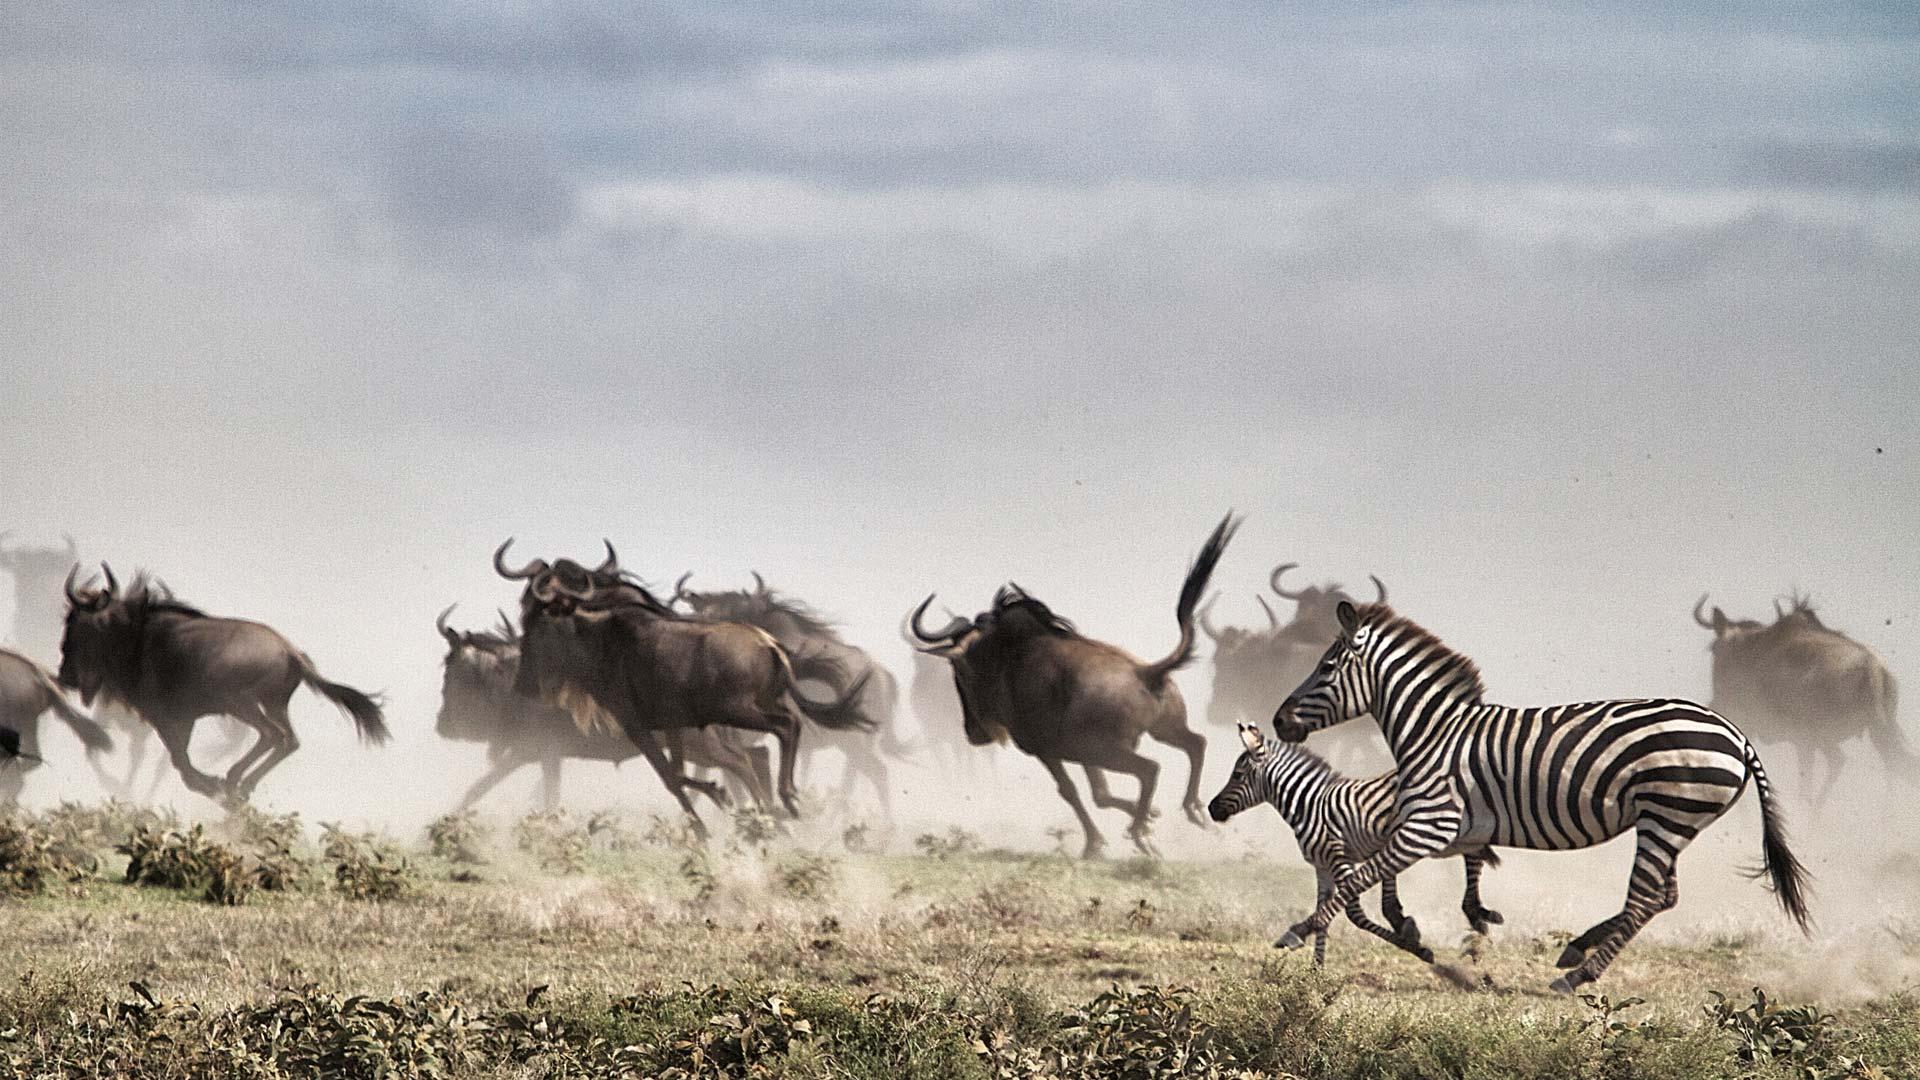 Wildebeest and Zebra running